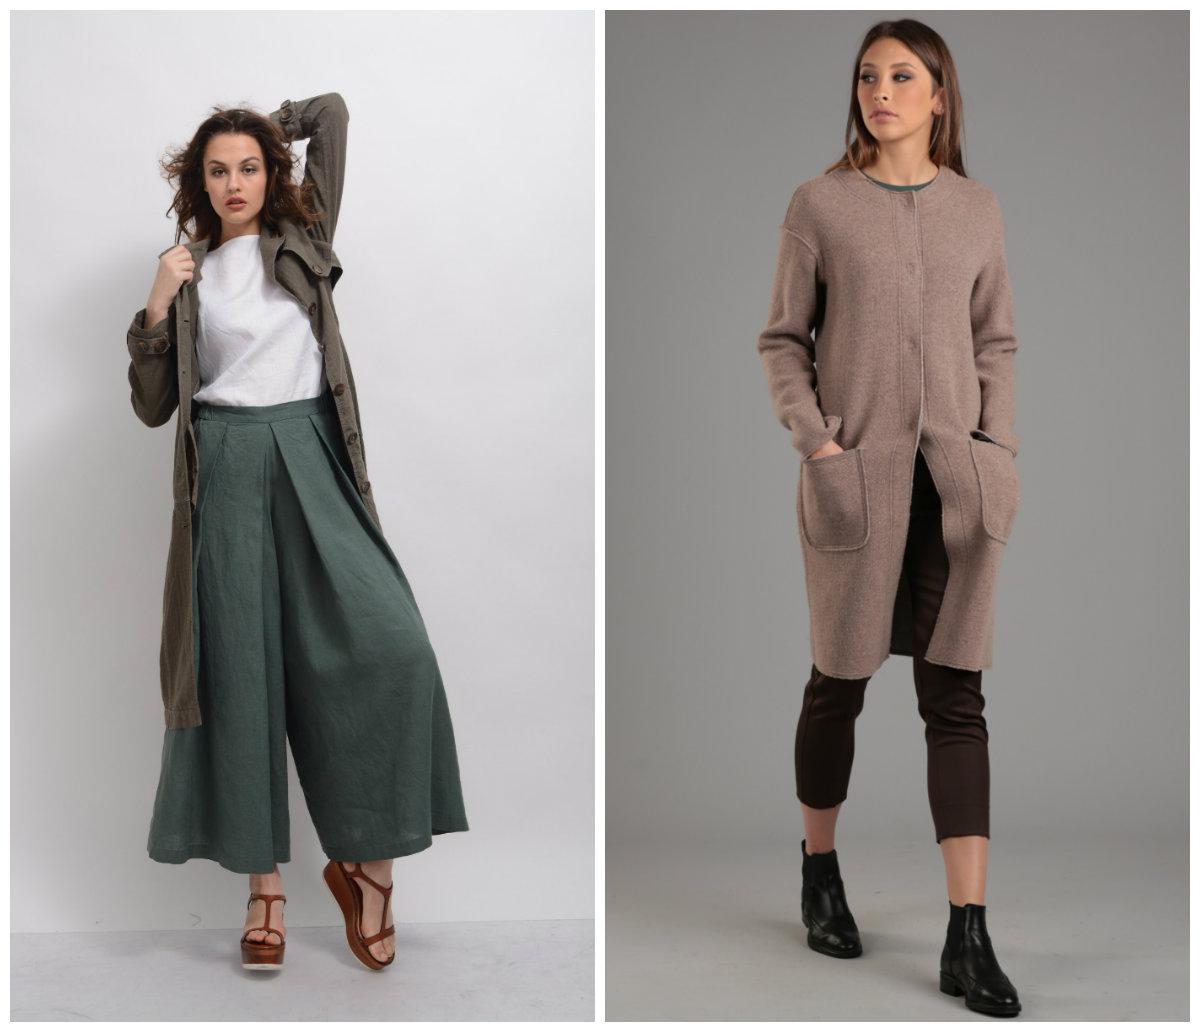 Женские-блузки-2019-Спортивные-модные-блузки-2019-Фото-женские блузки 2019, фото